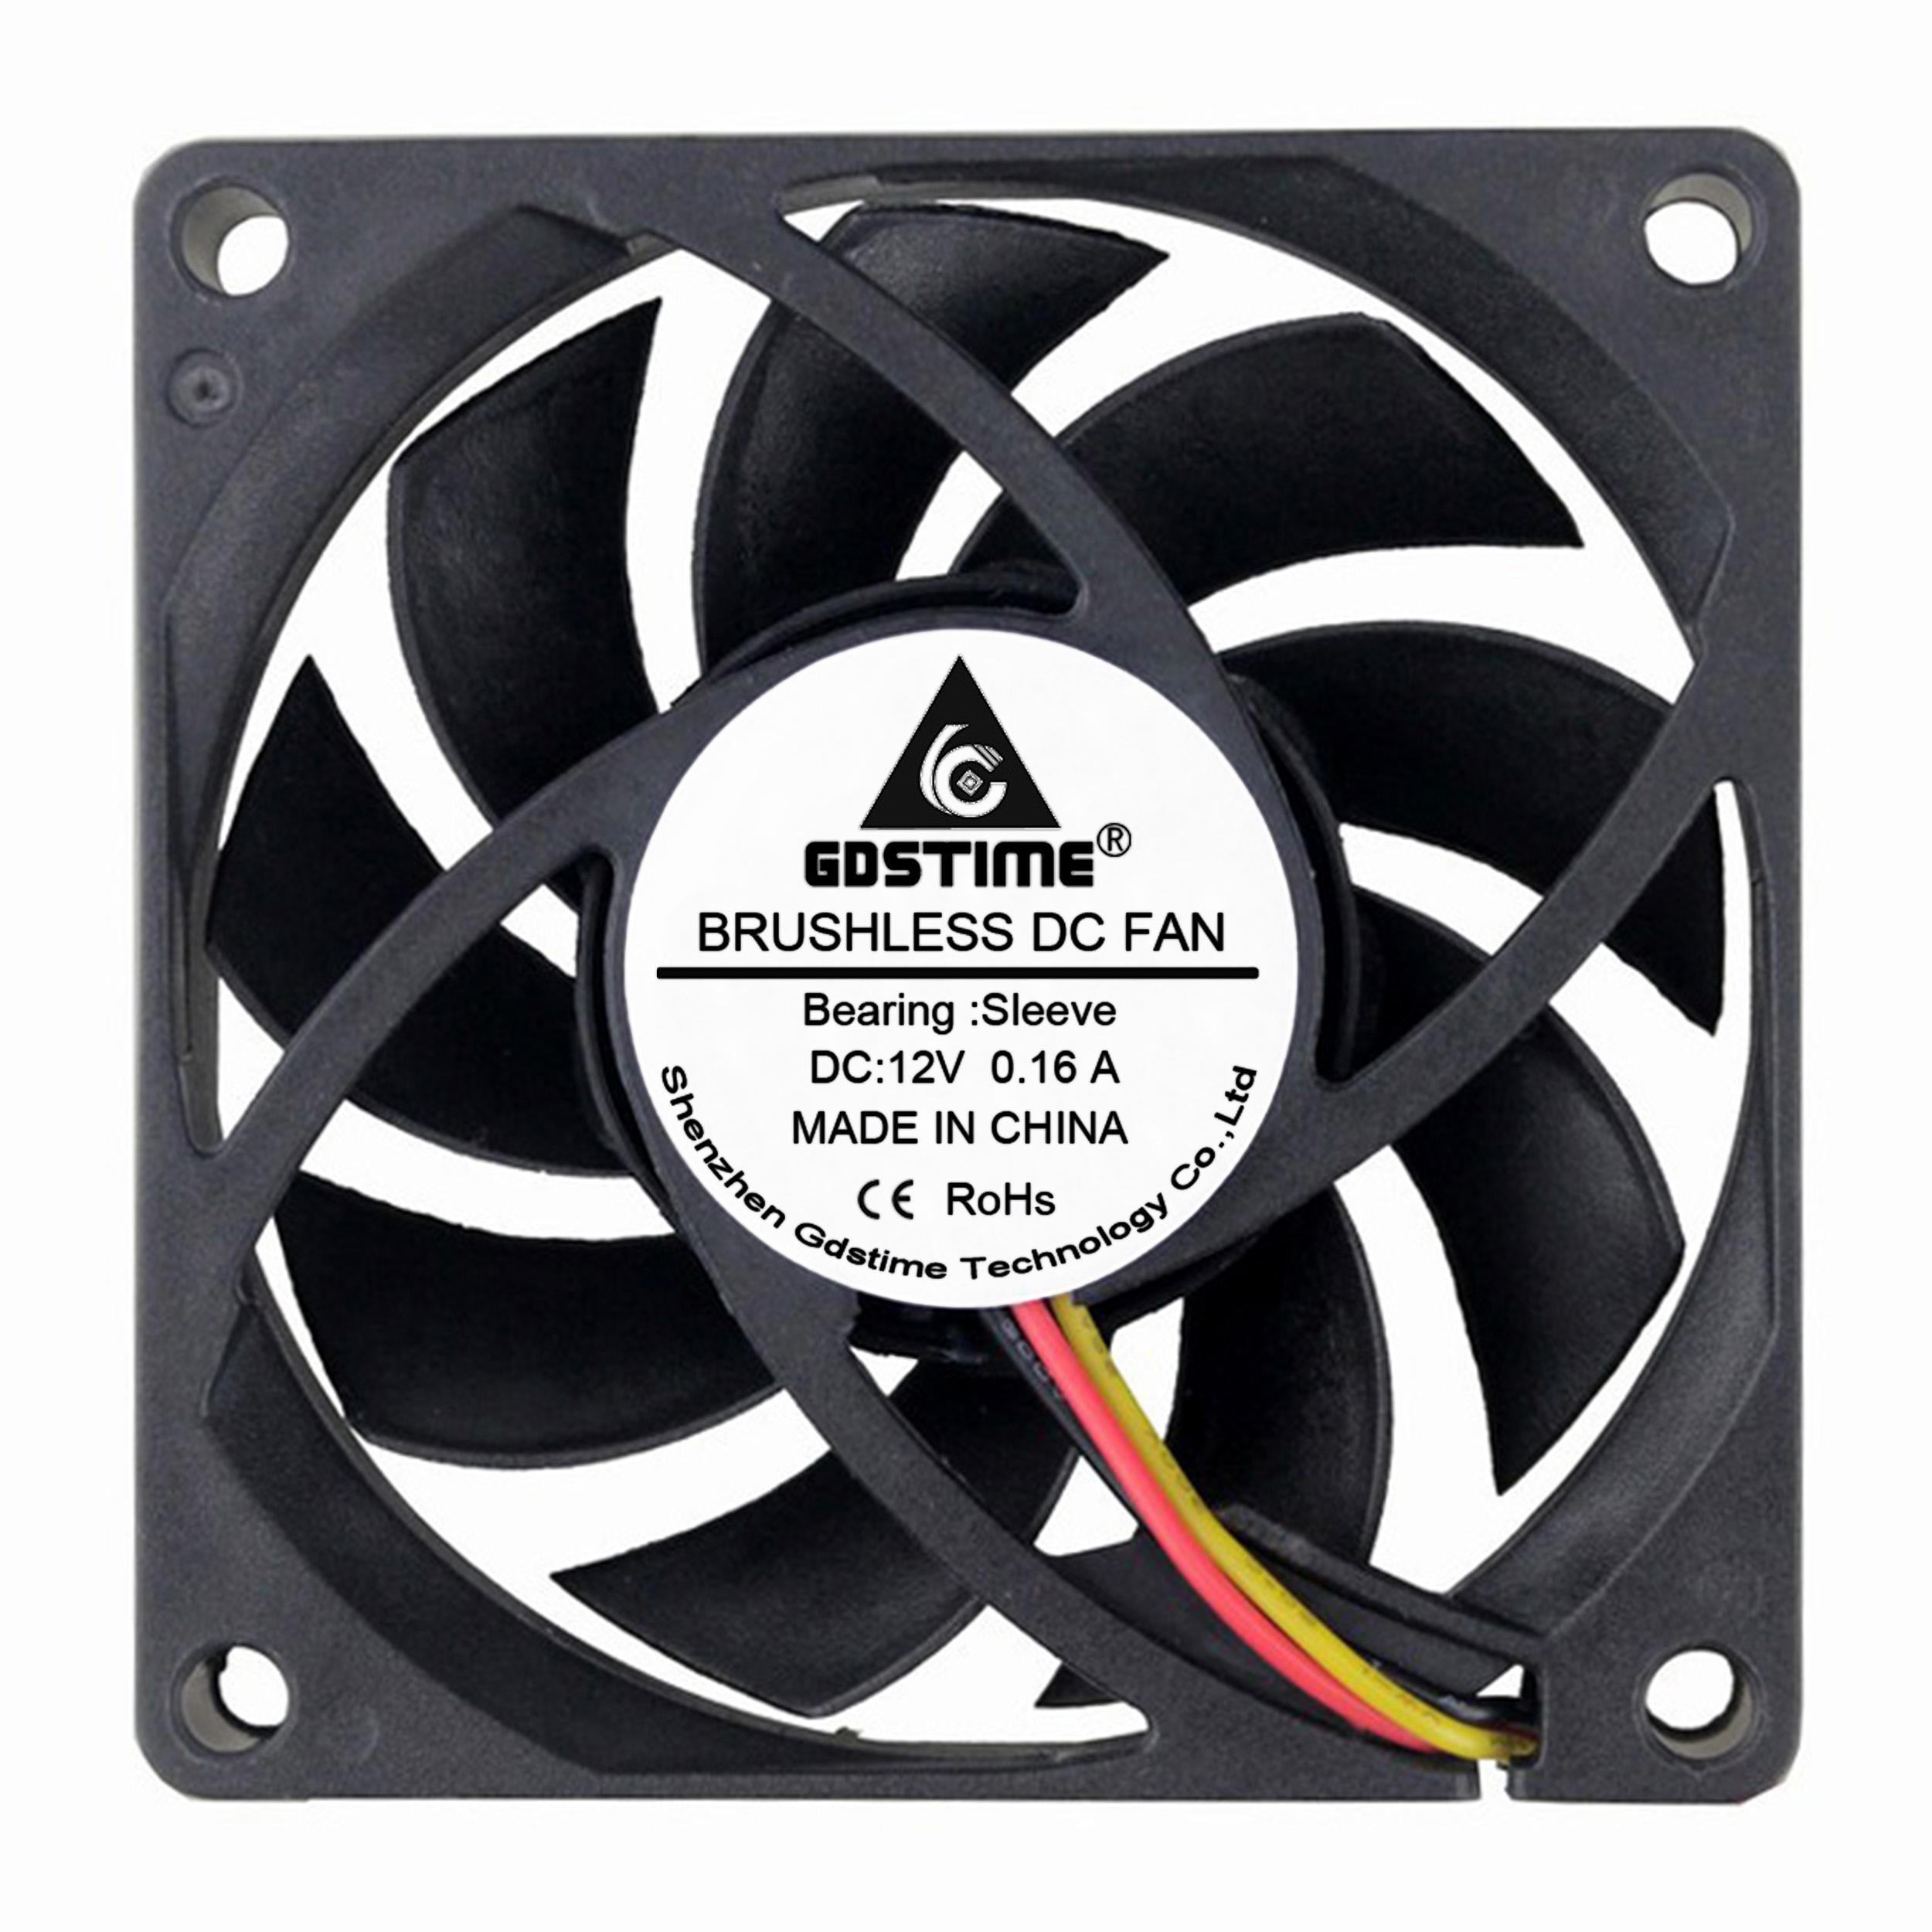 CPU Cooling Fan For Asus ET2010 ET2010AGT ET2010AG One machine series KSB06105HA-9L01 KSB06105HA 9L01 5V 0.40A 3pin